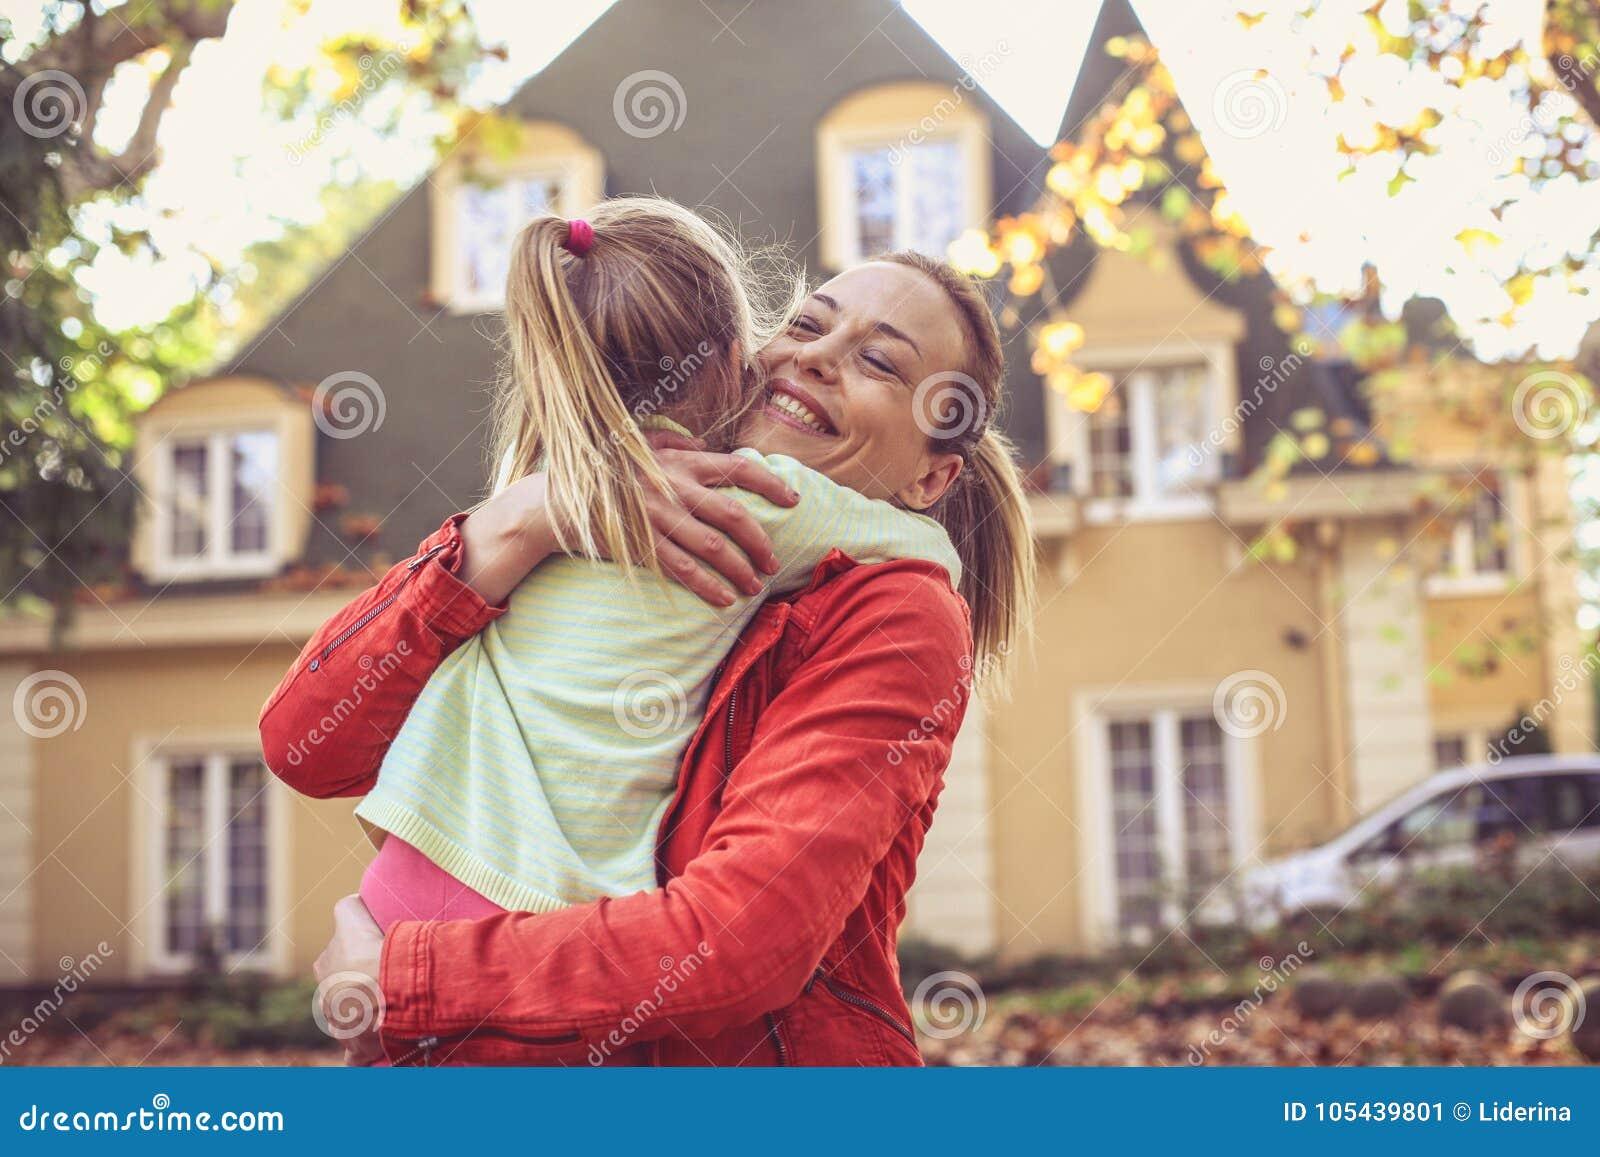 La mamá me da un abrazo